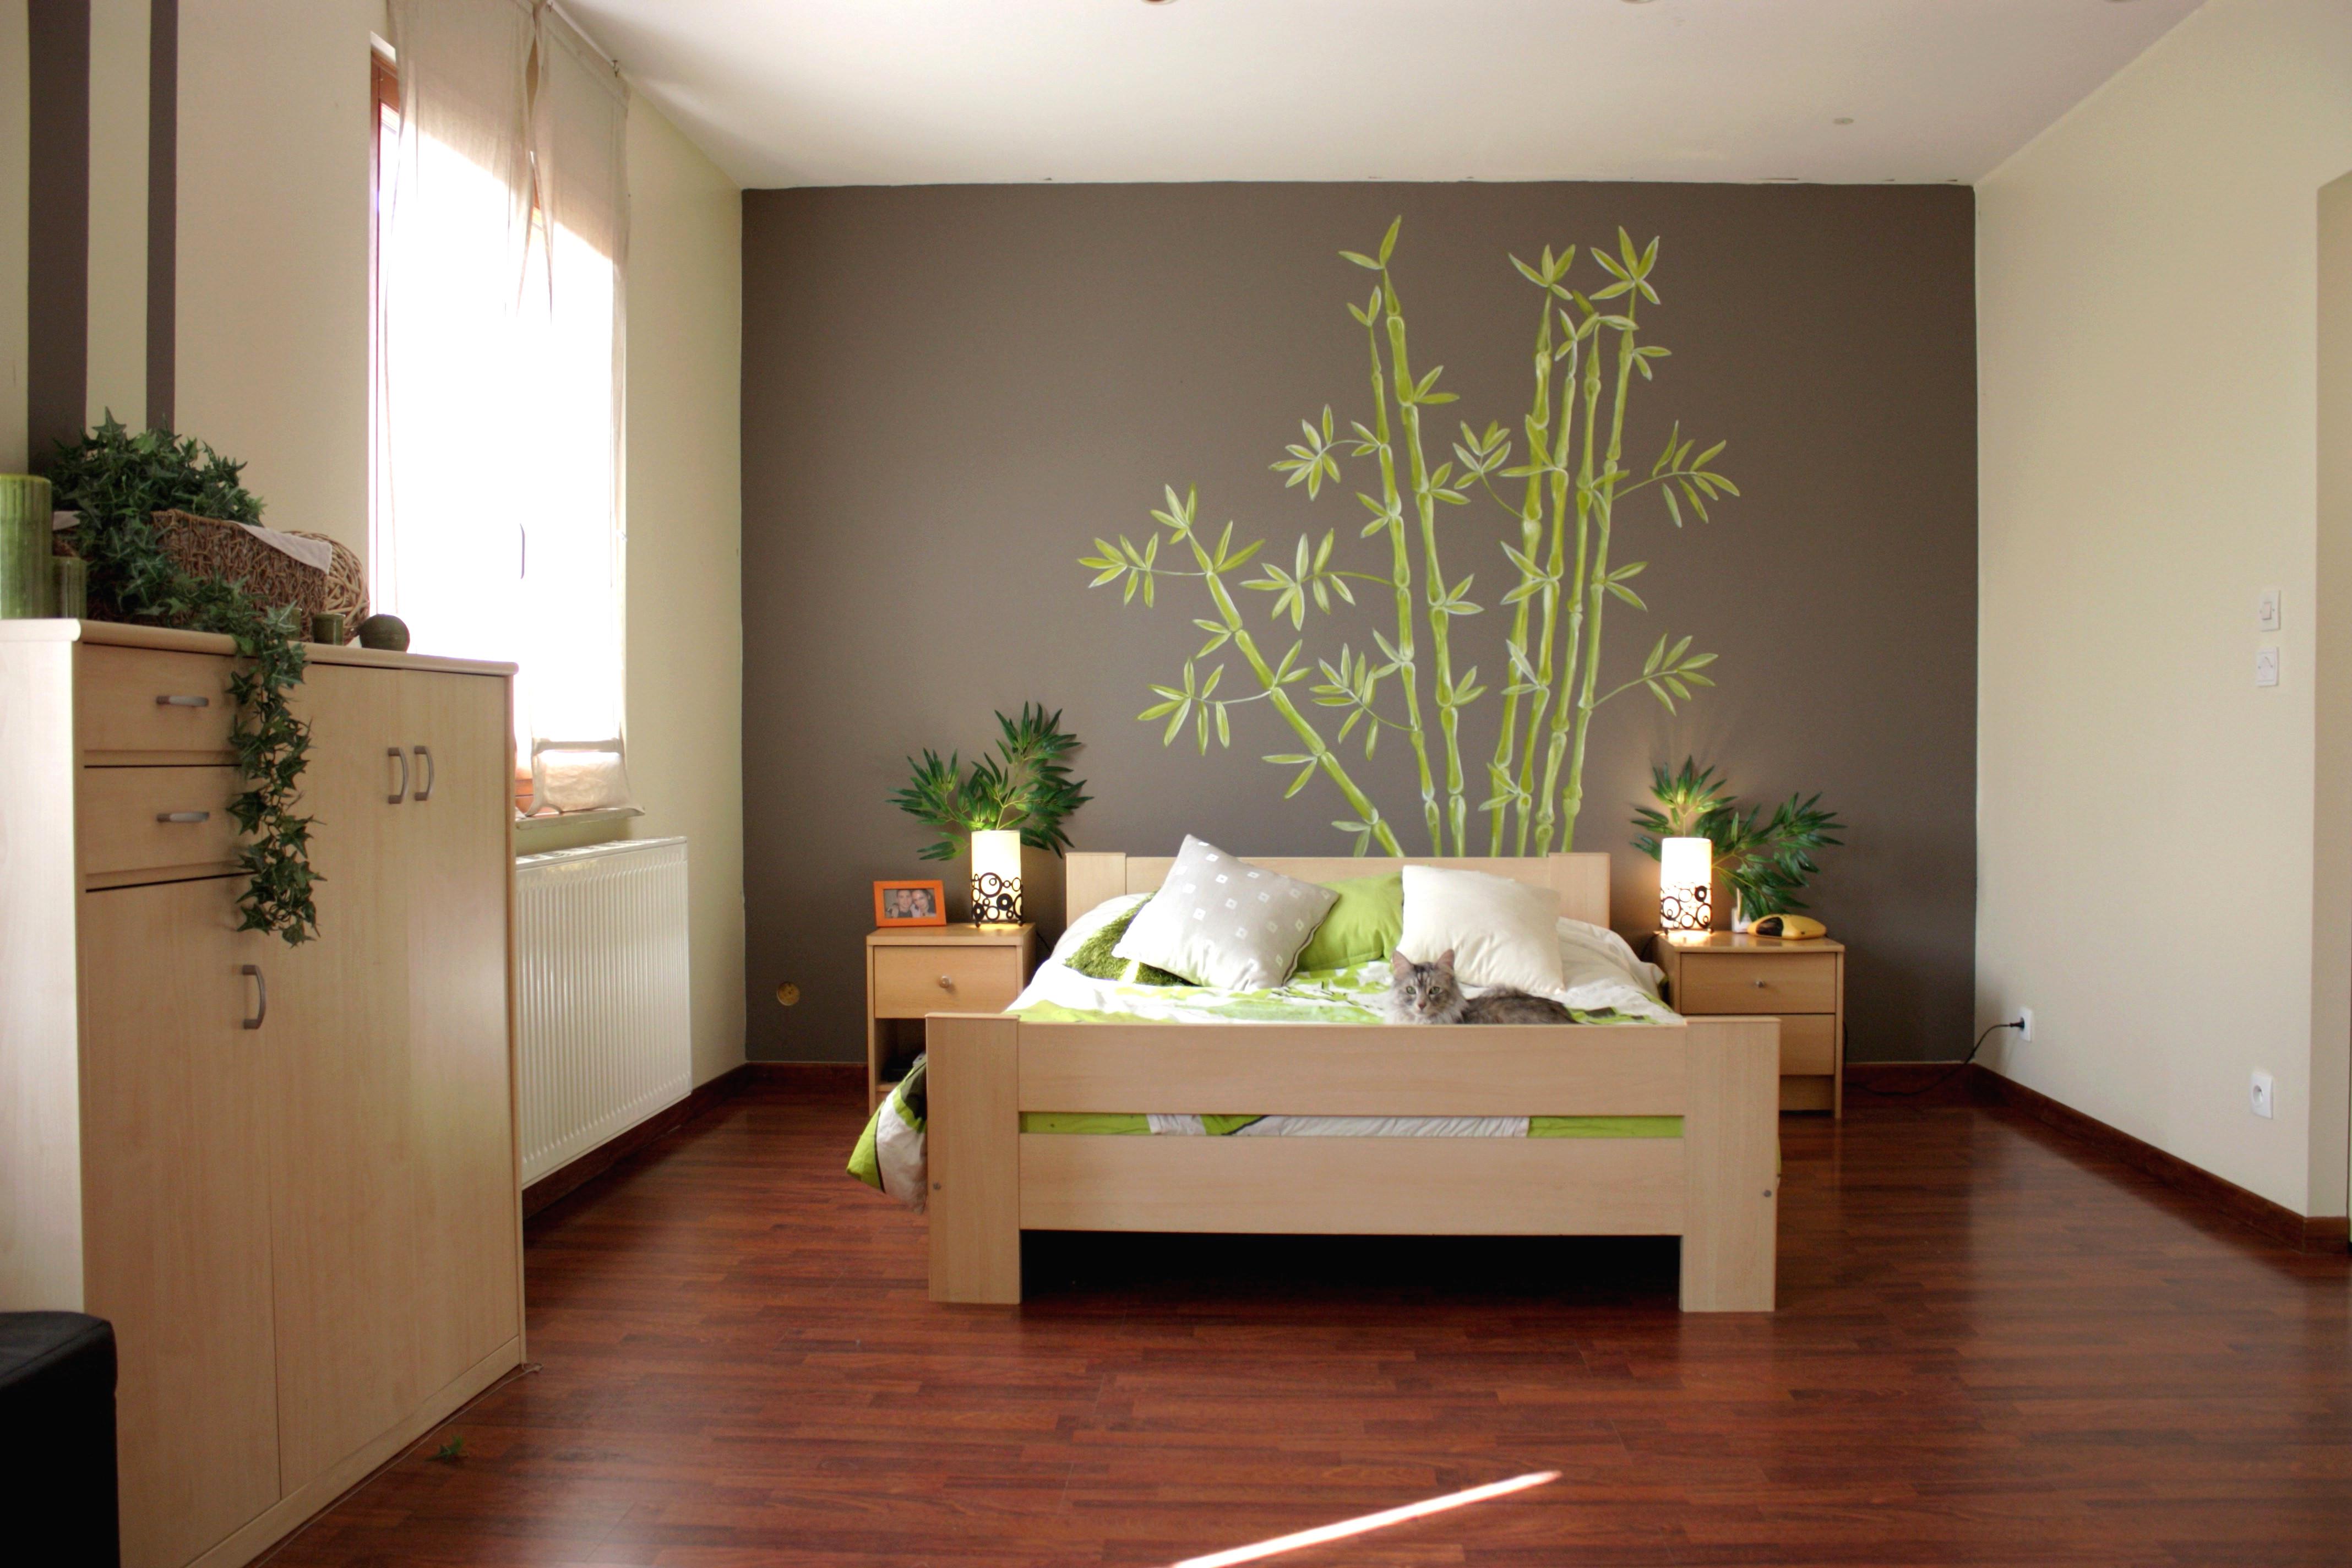 Comment peindre une chambre quelle couleur et quelle - Idee peinture chambre ...